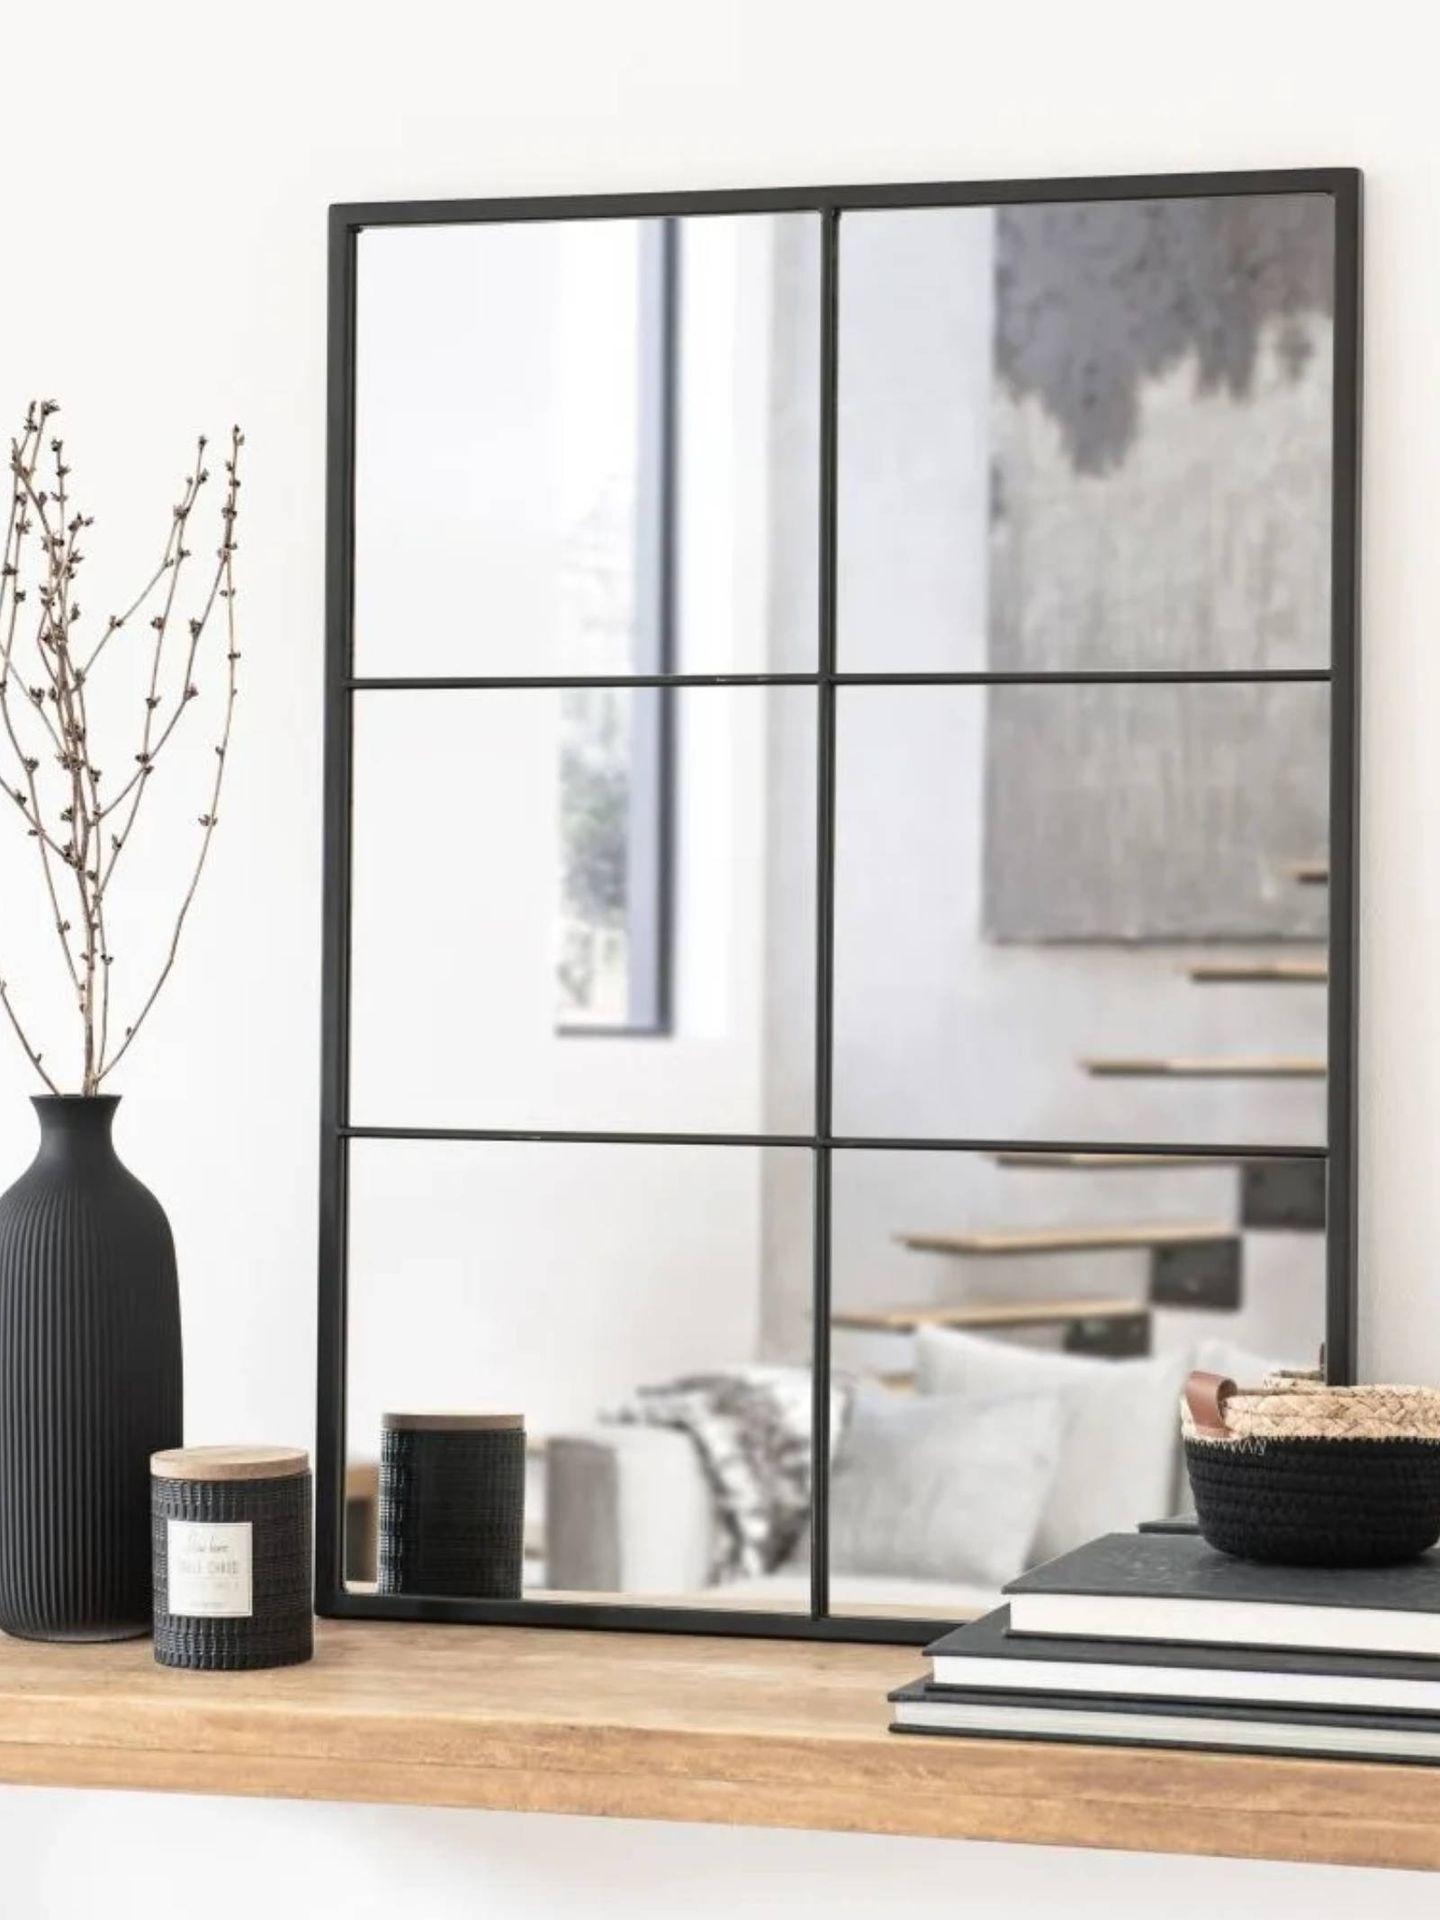 Espejos de Maisons du Monde para decorar tu casa. (Cortesía)